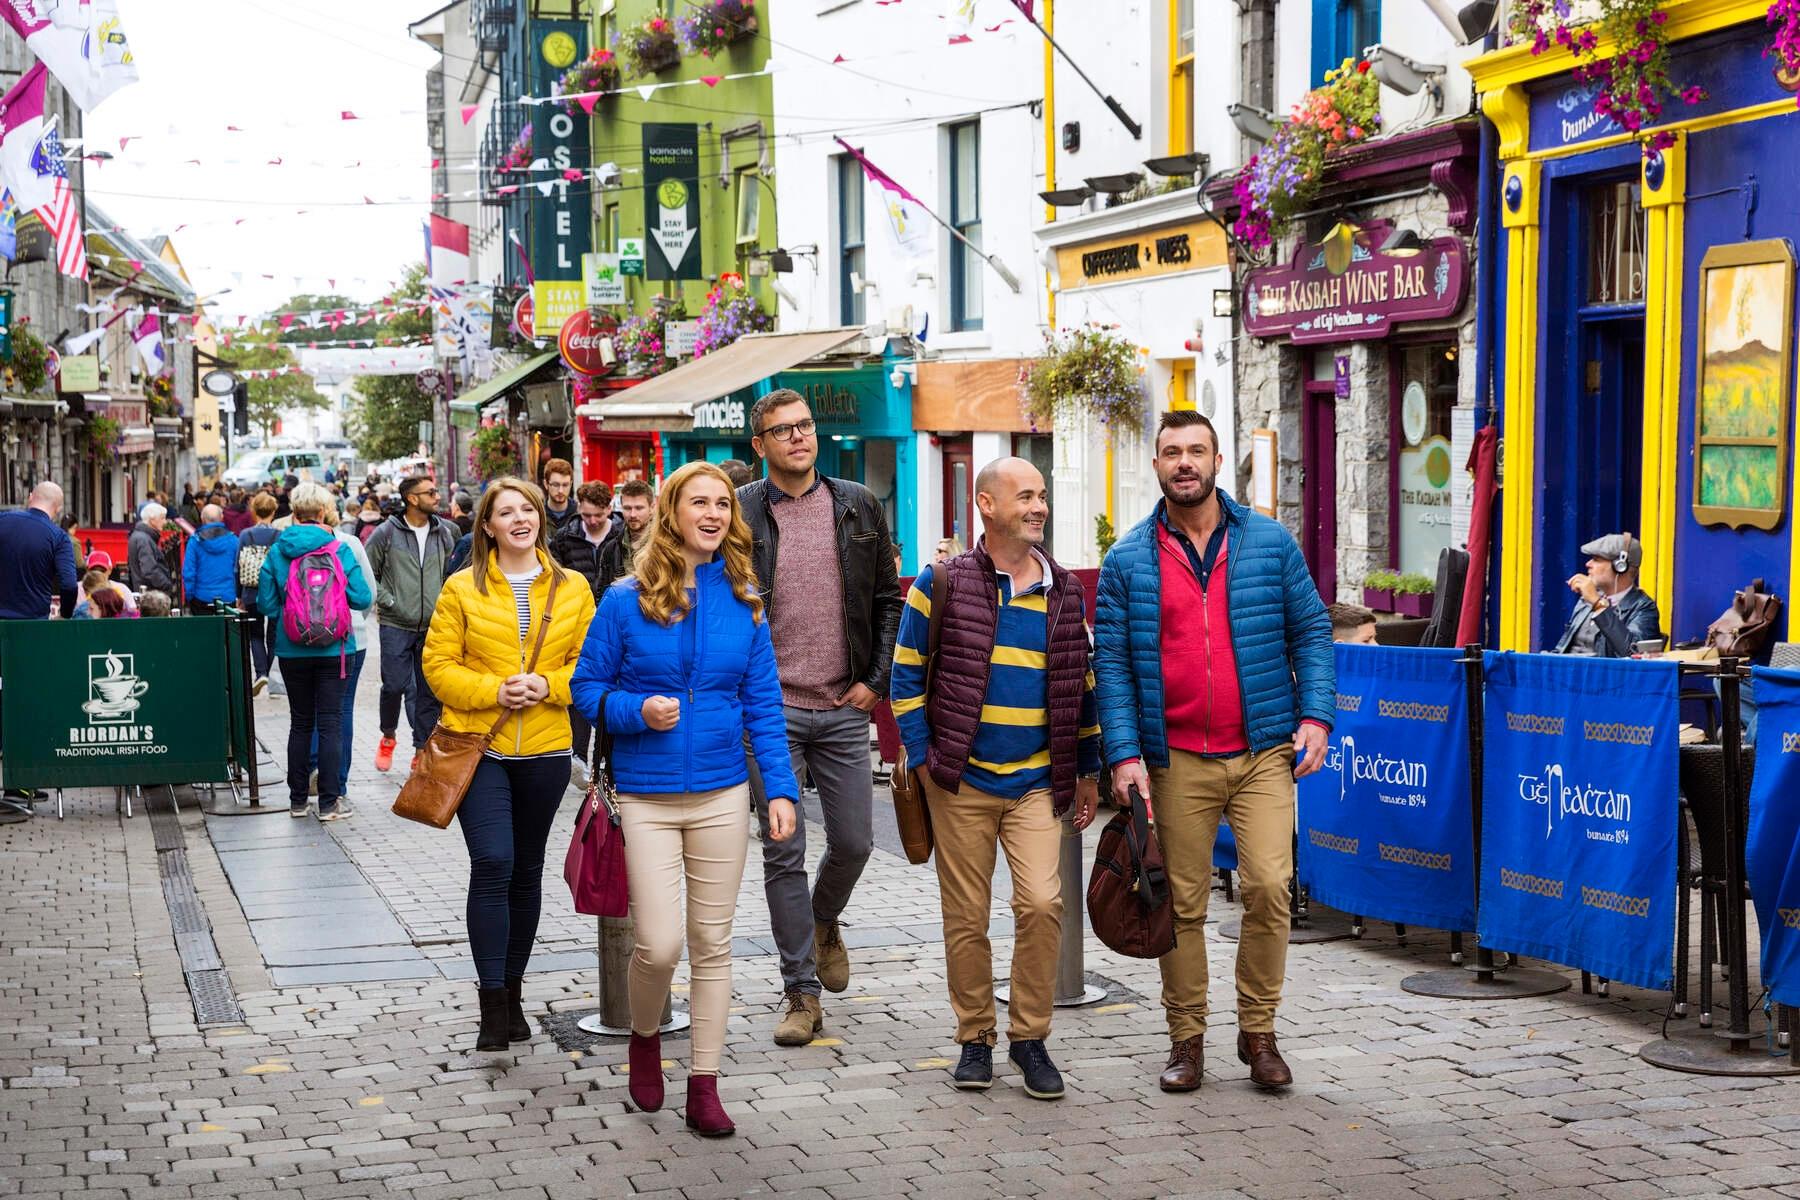 Fazer passeio em grupo é uma dica para quem vai viajar sozinho e quer conhecer pessoas diferentes.